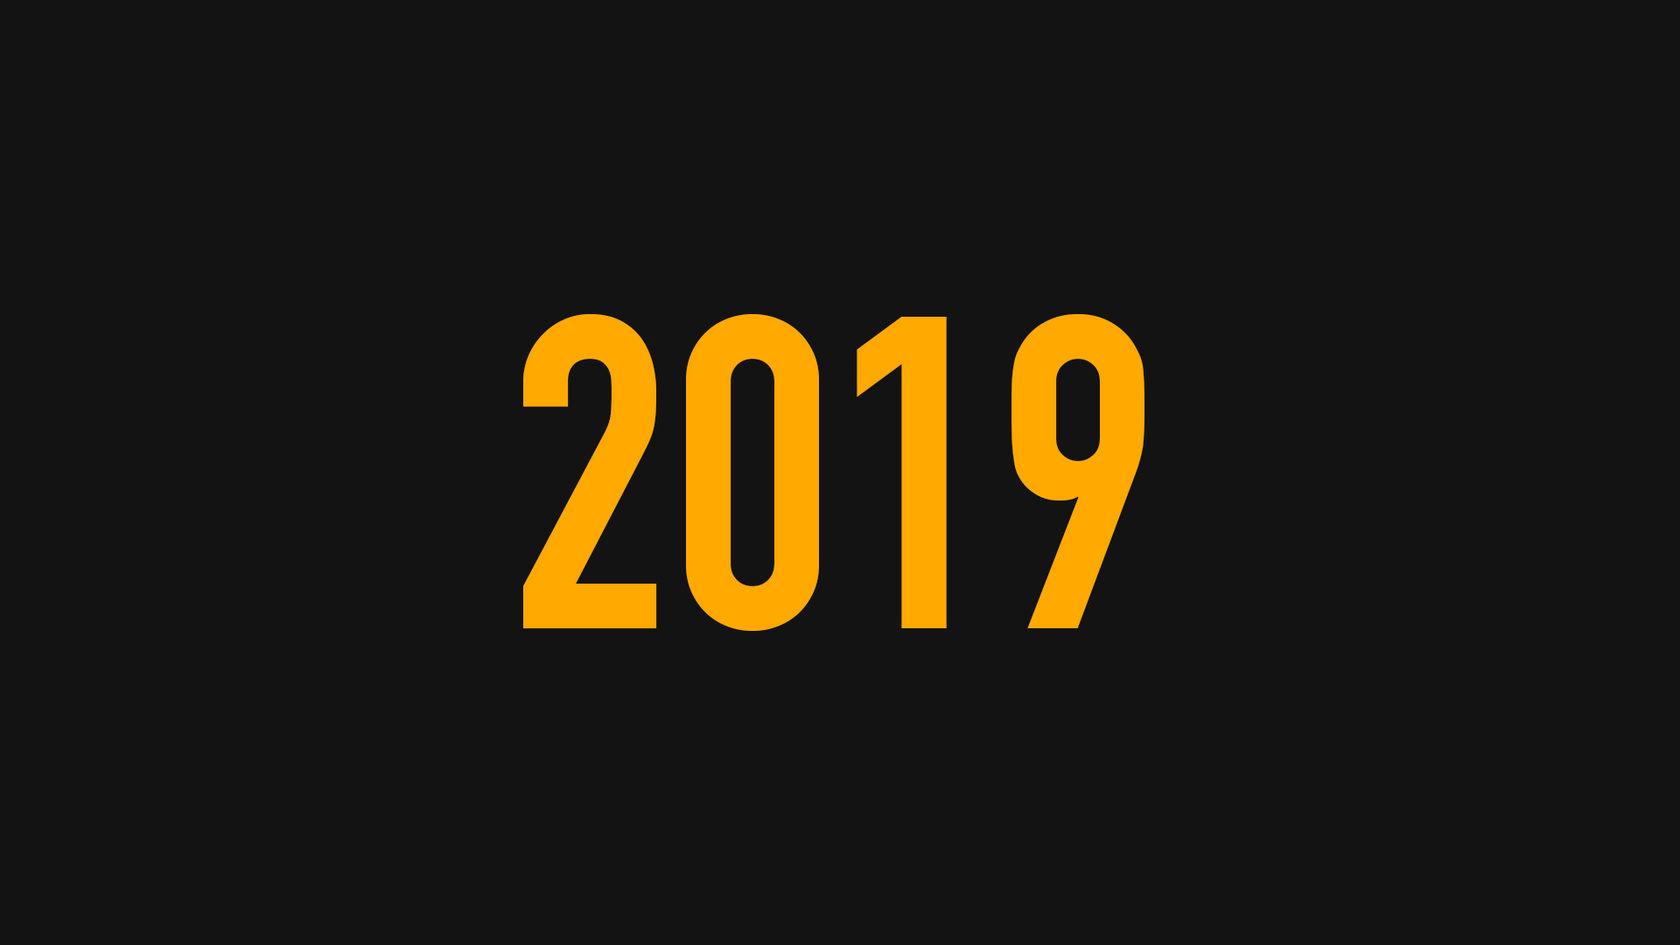 А здесь было так много, что мы еще даже не успели написать текст :) (февраль 2020)